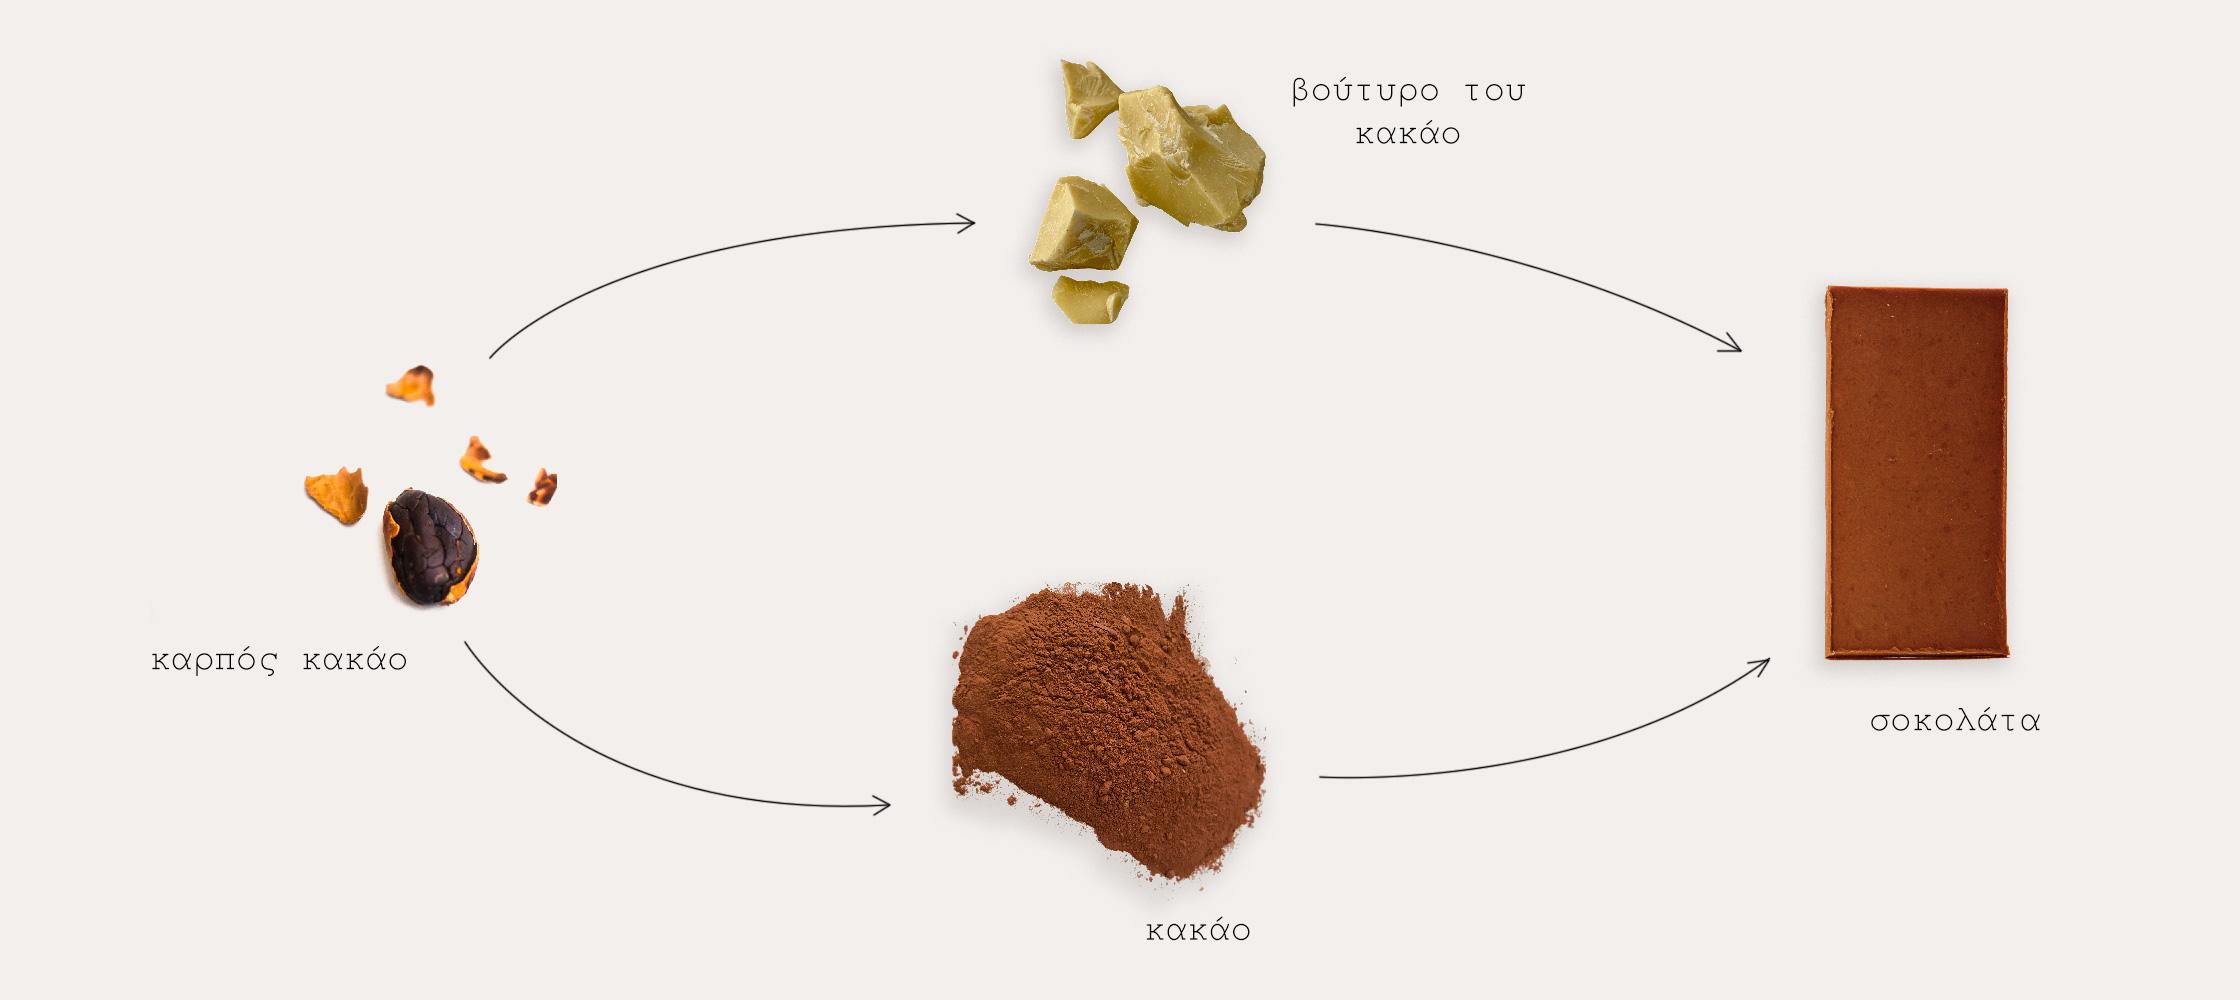 Καρπός κακάο, βούτυρο του κακάκο, κακάο, σοκολάτα.